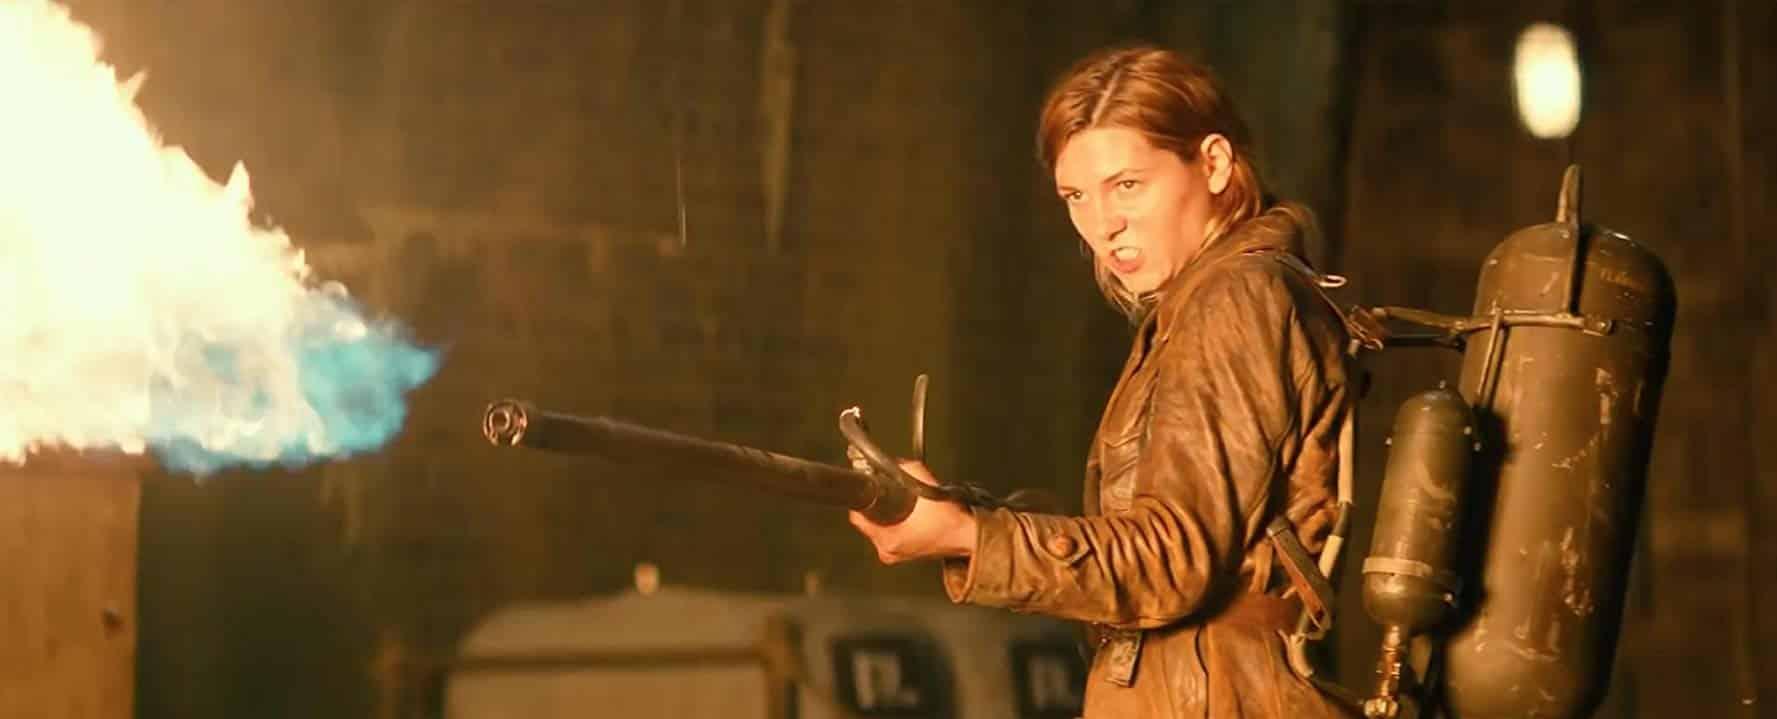 Overlord: zombis, nazis y AC/DC en primer tráiler de lo nuevo de J.J. Abrams para Paramount Pictures